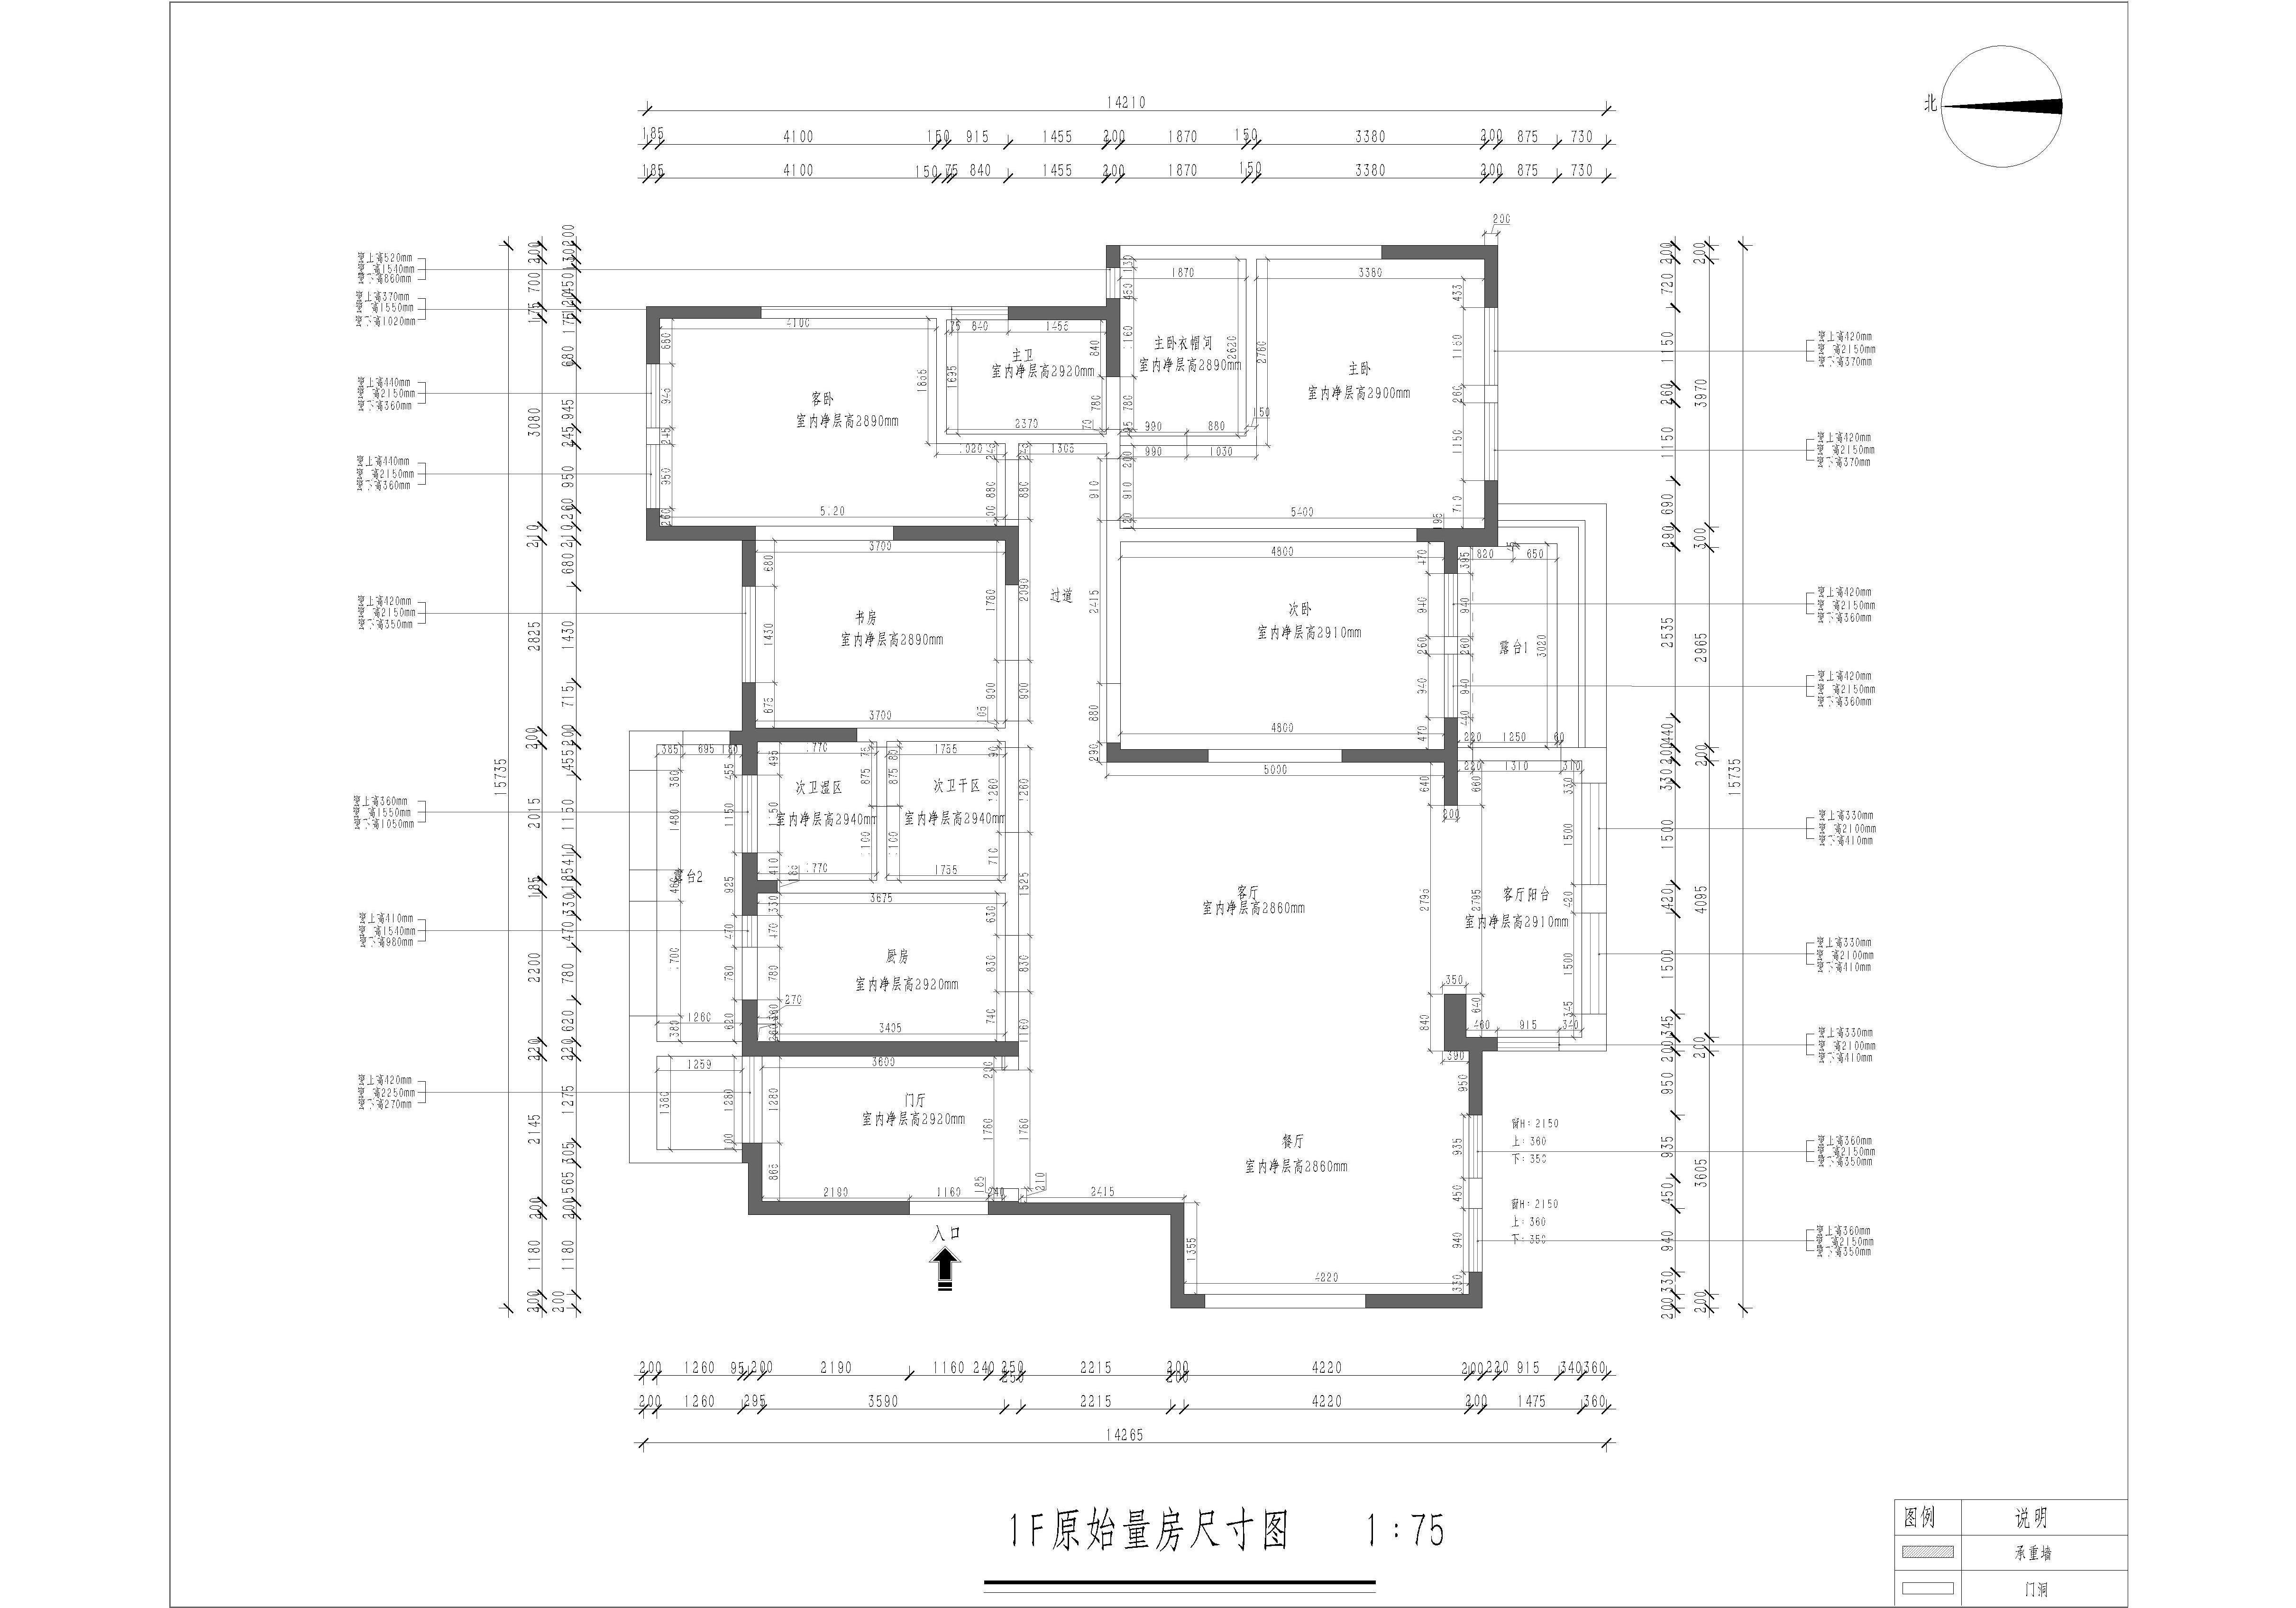 丽彩·溪岸庄园 简美装修效果图 4室2厅 190㎡装修设计理念